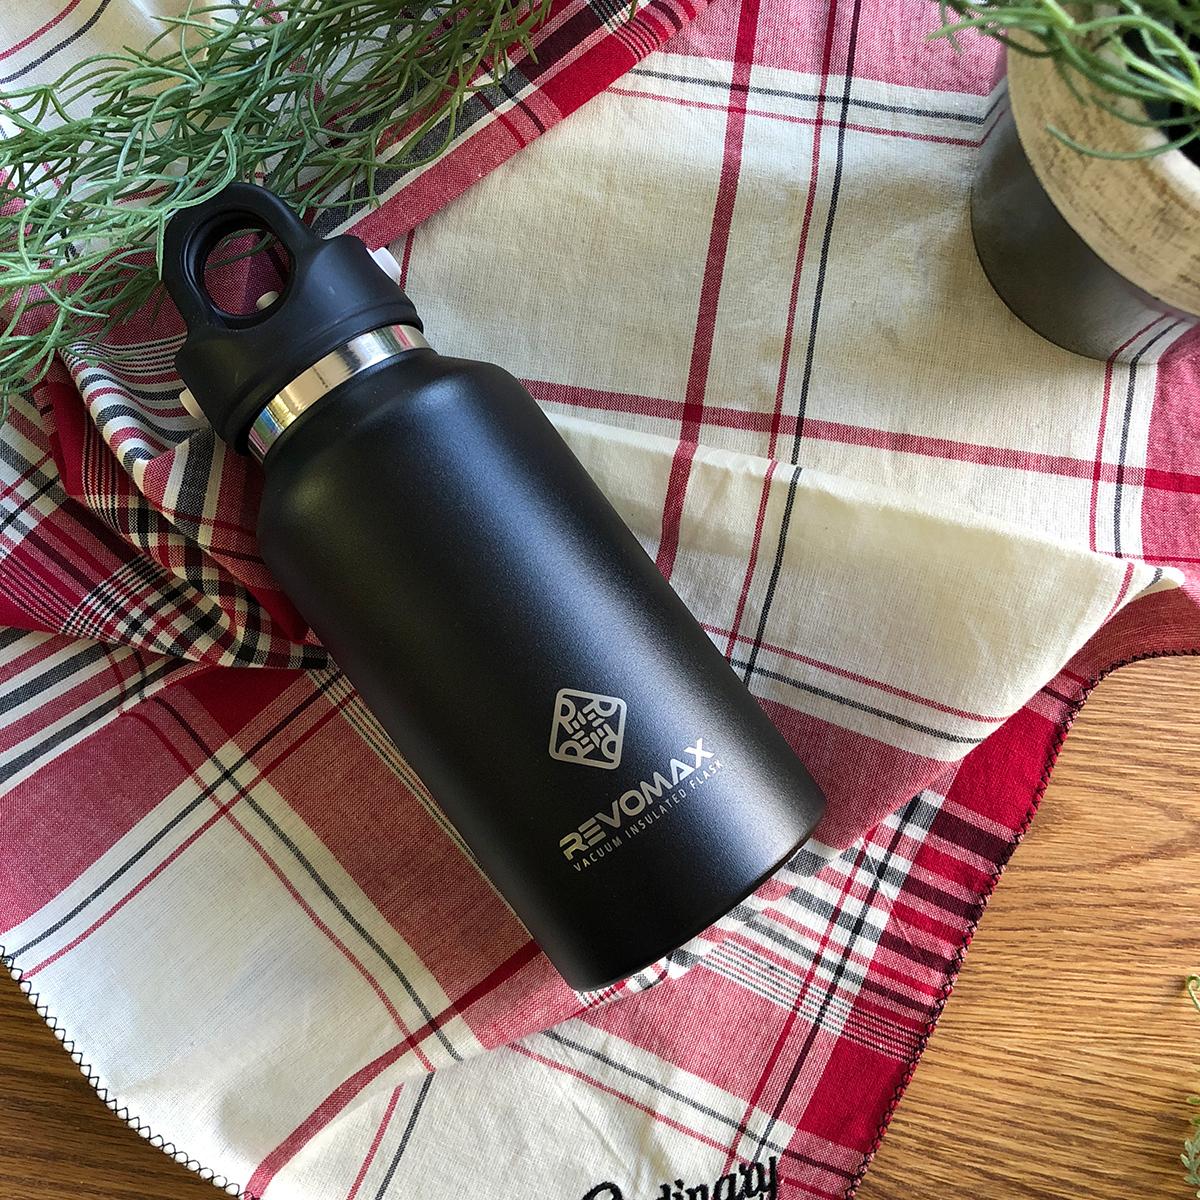 「指3本」で密閉できる魔法瓶|《355ml》炭酸もビールも36時間保冷、保温も18時間OKの「マイボトル」|REVOMAX